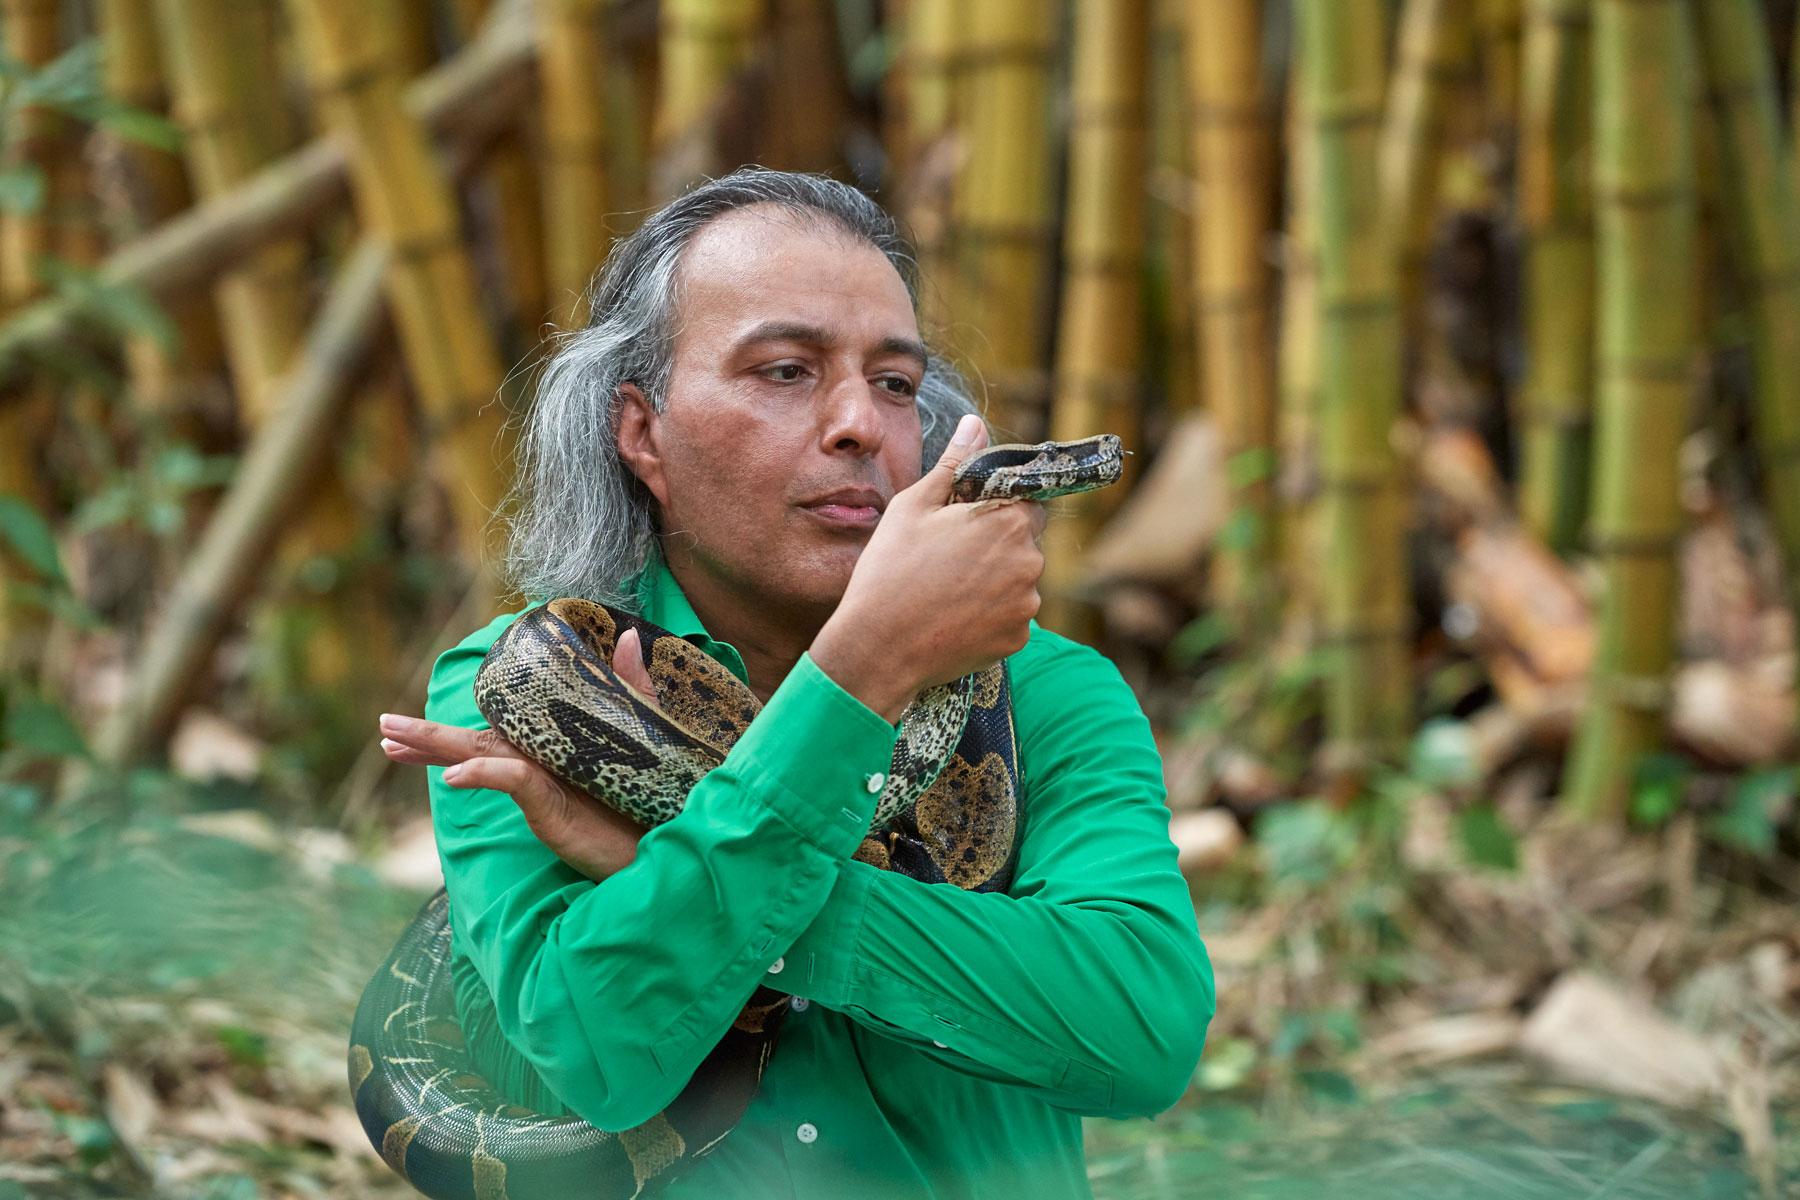 Mann in grünem Hemd kommuniziert mit einer um sich geschlungenen Riesenschlange